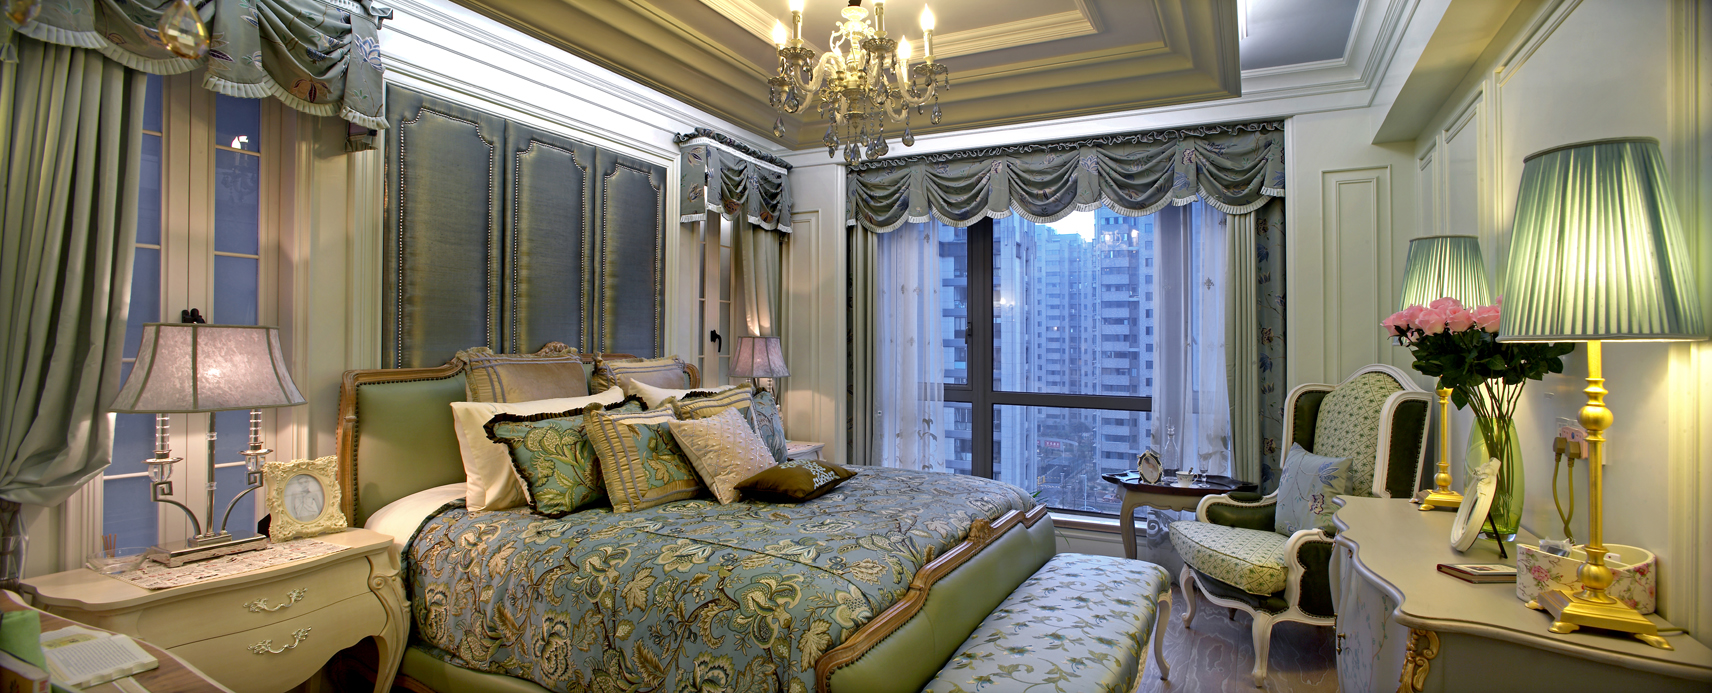 简约 欧式 田园 混搭 别墅 白领 收纳 旧房改造 古典风格 卧室图片来自元洲装饰木子在丰泽园欧式风格设计的分享